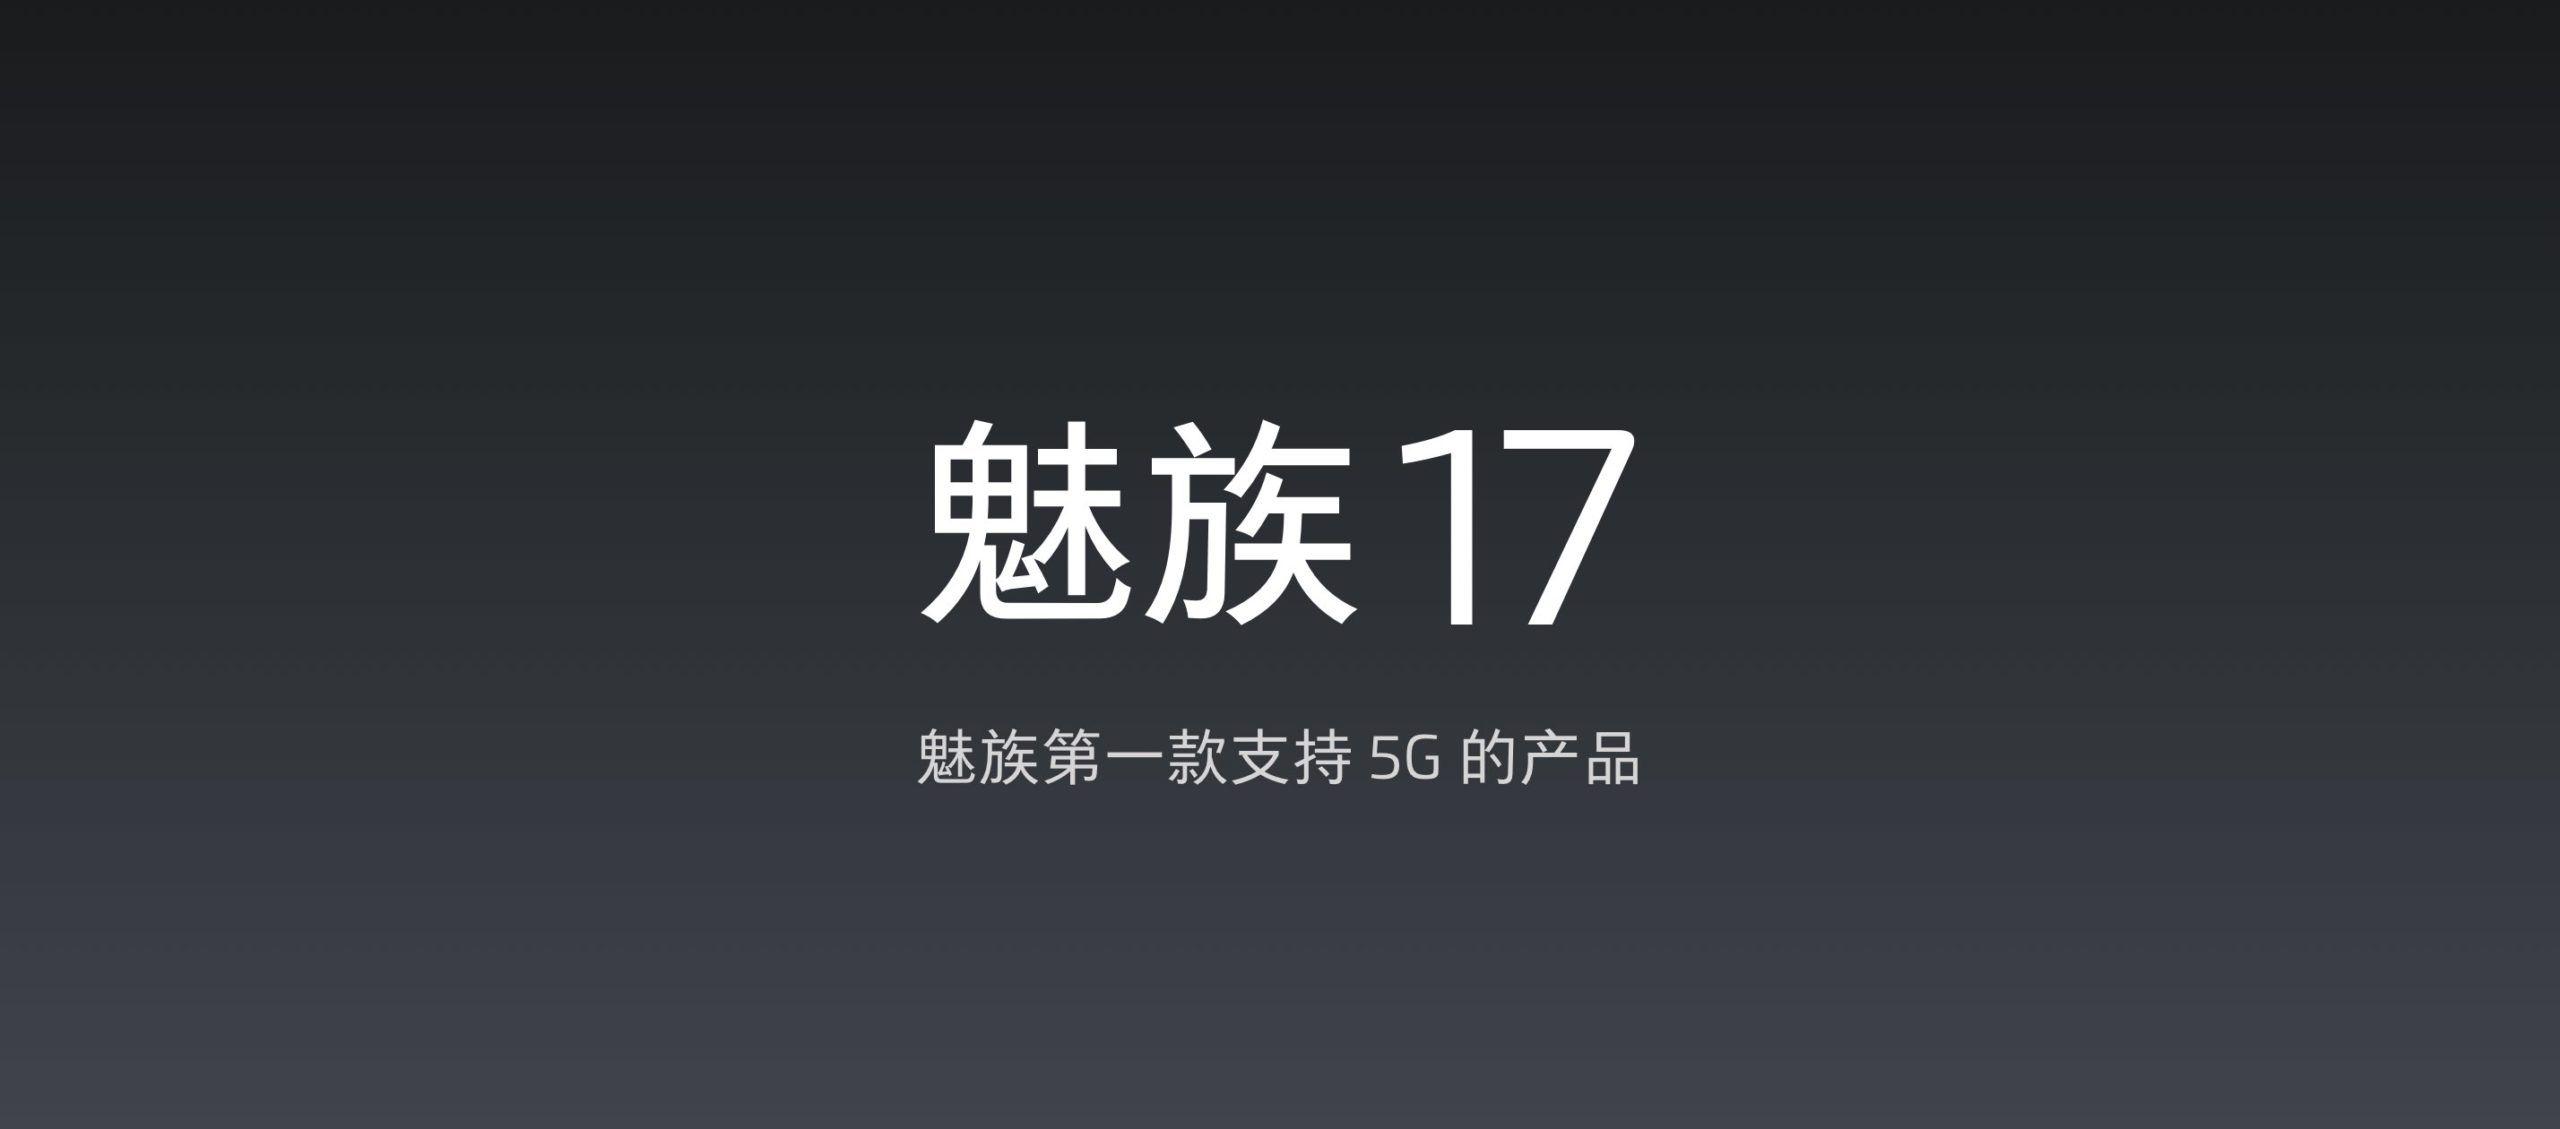 Meizu 17は後日発表、4月22日に招待状を配布